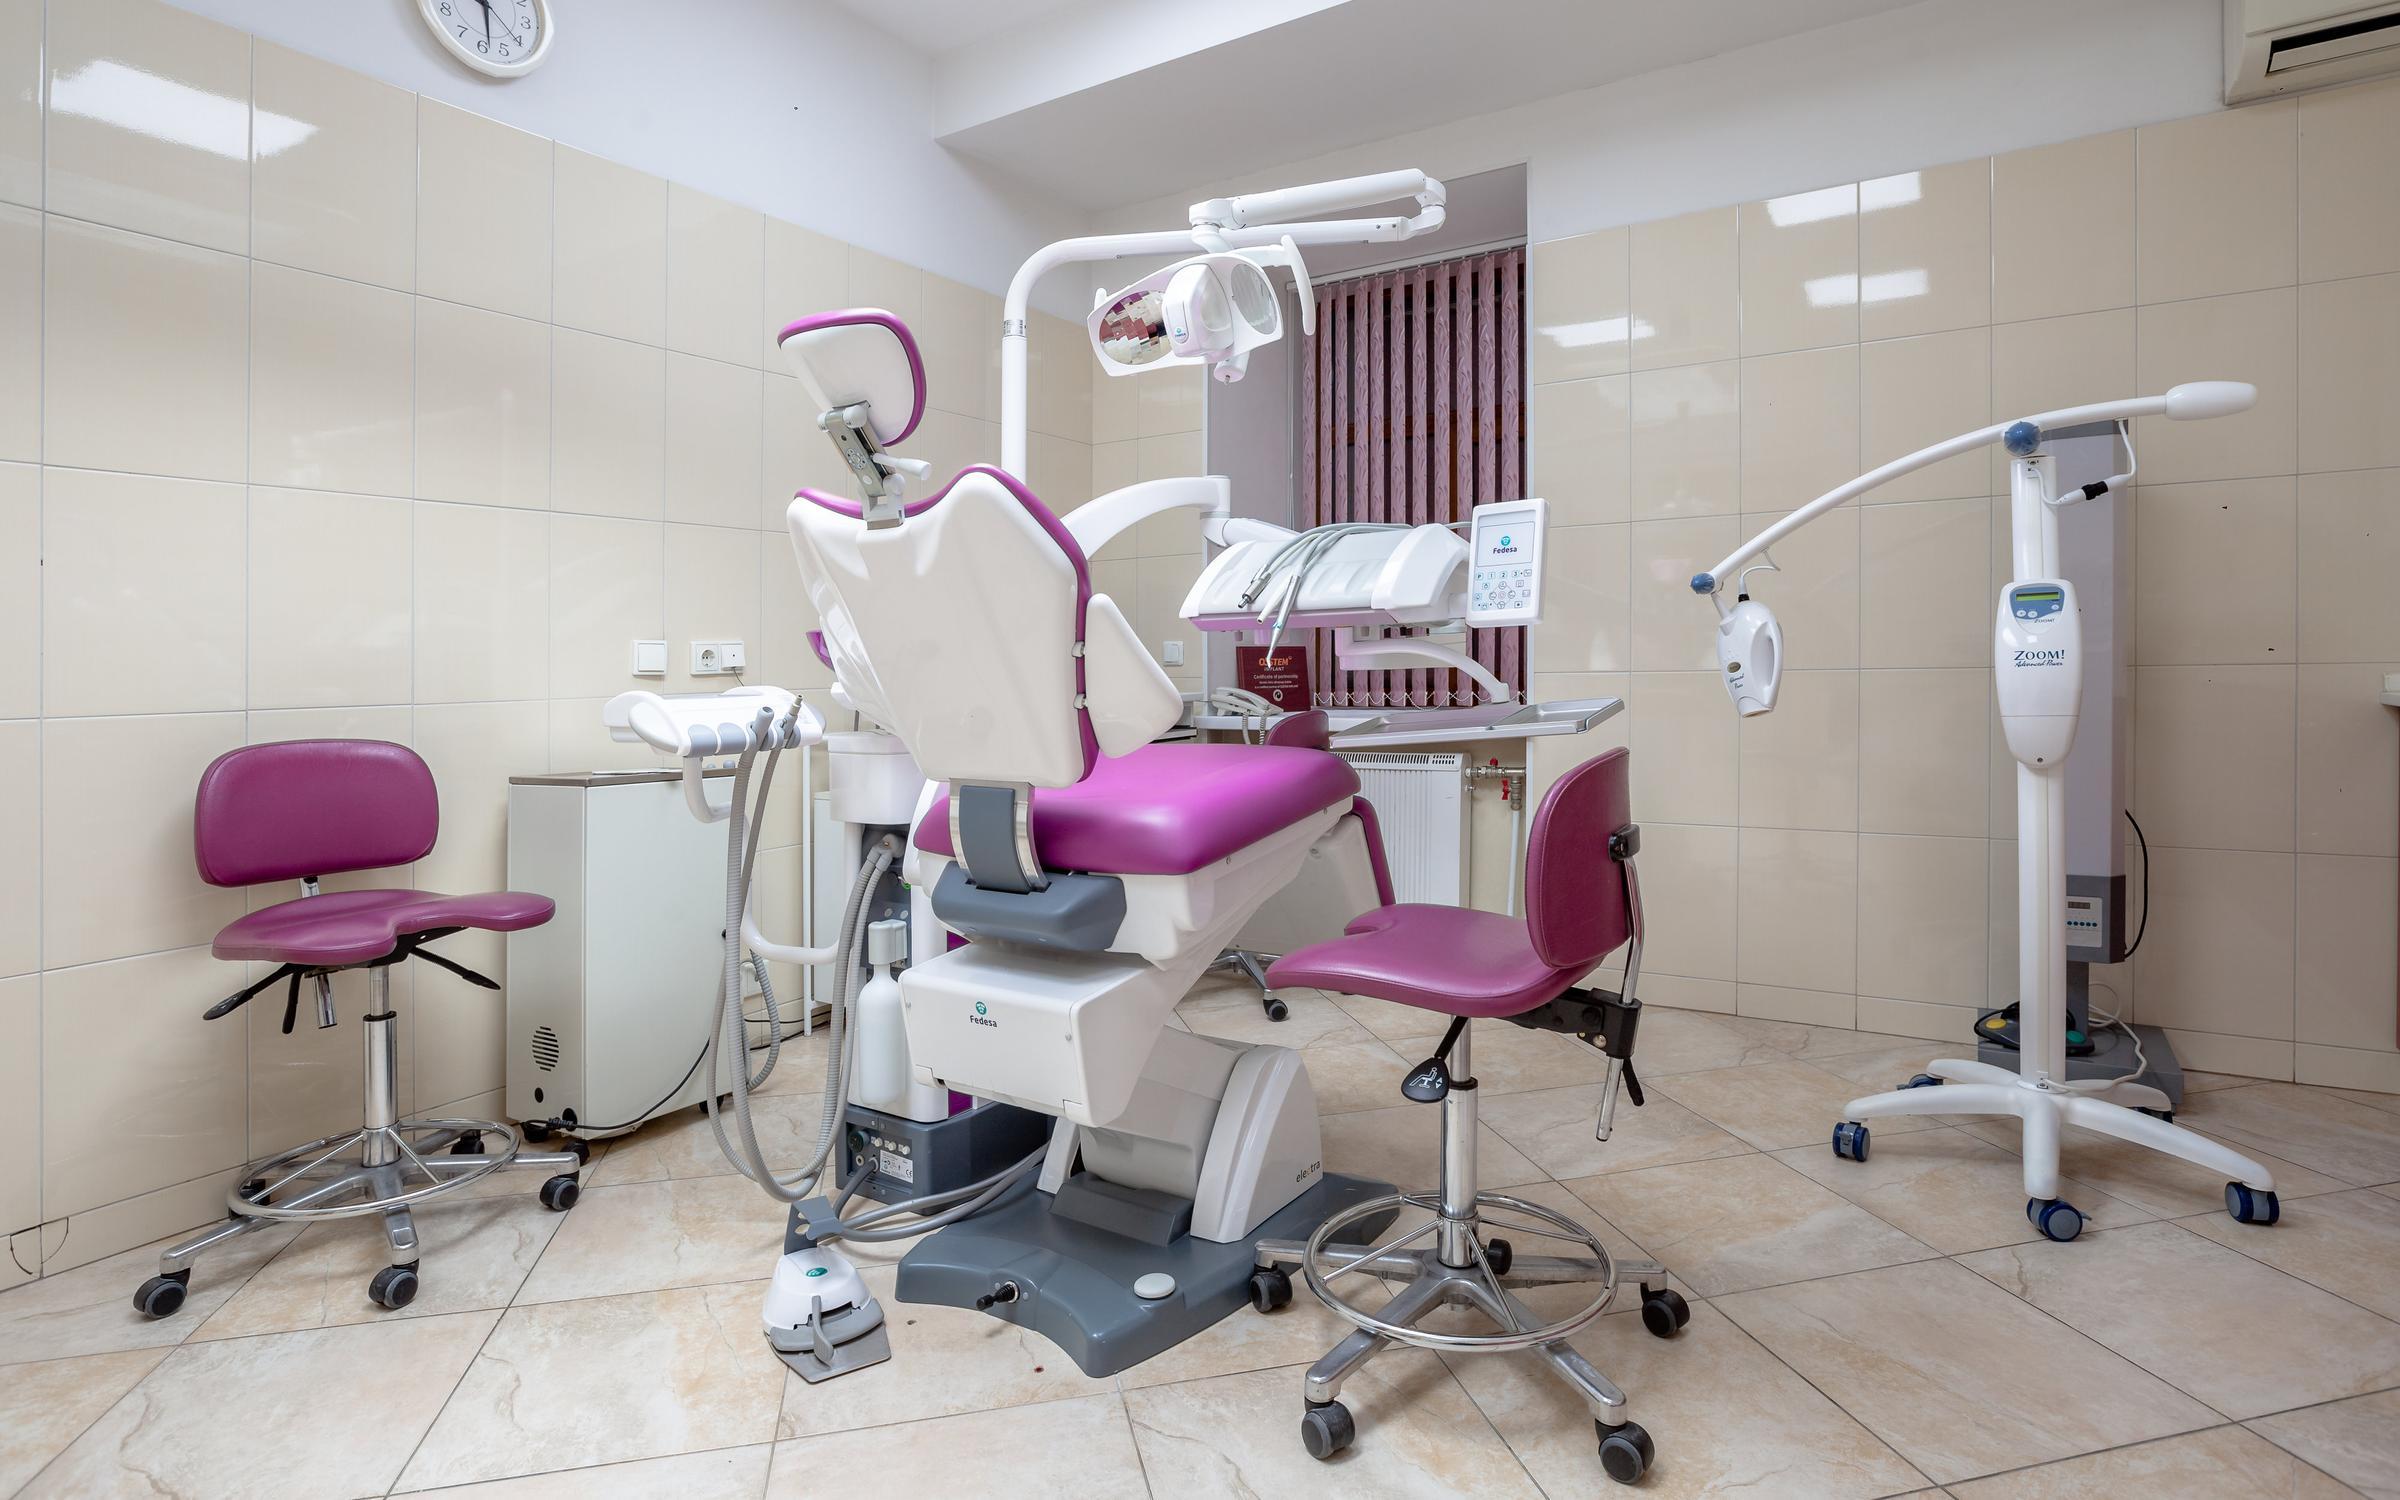 фотография Центра имплантации и стоматологии Красивые зубки на метро Владимирская